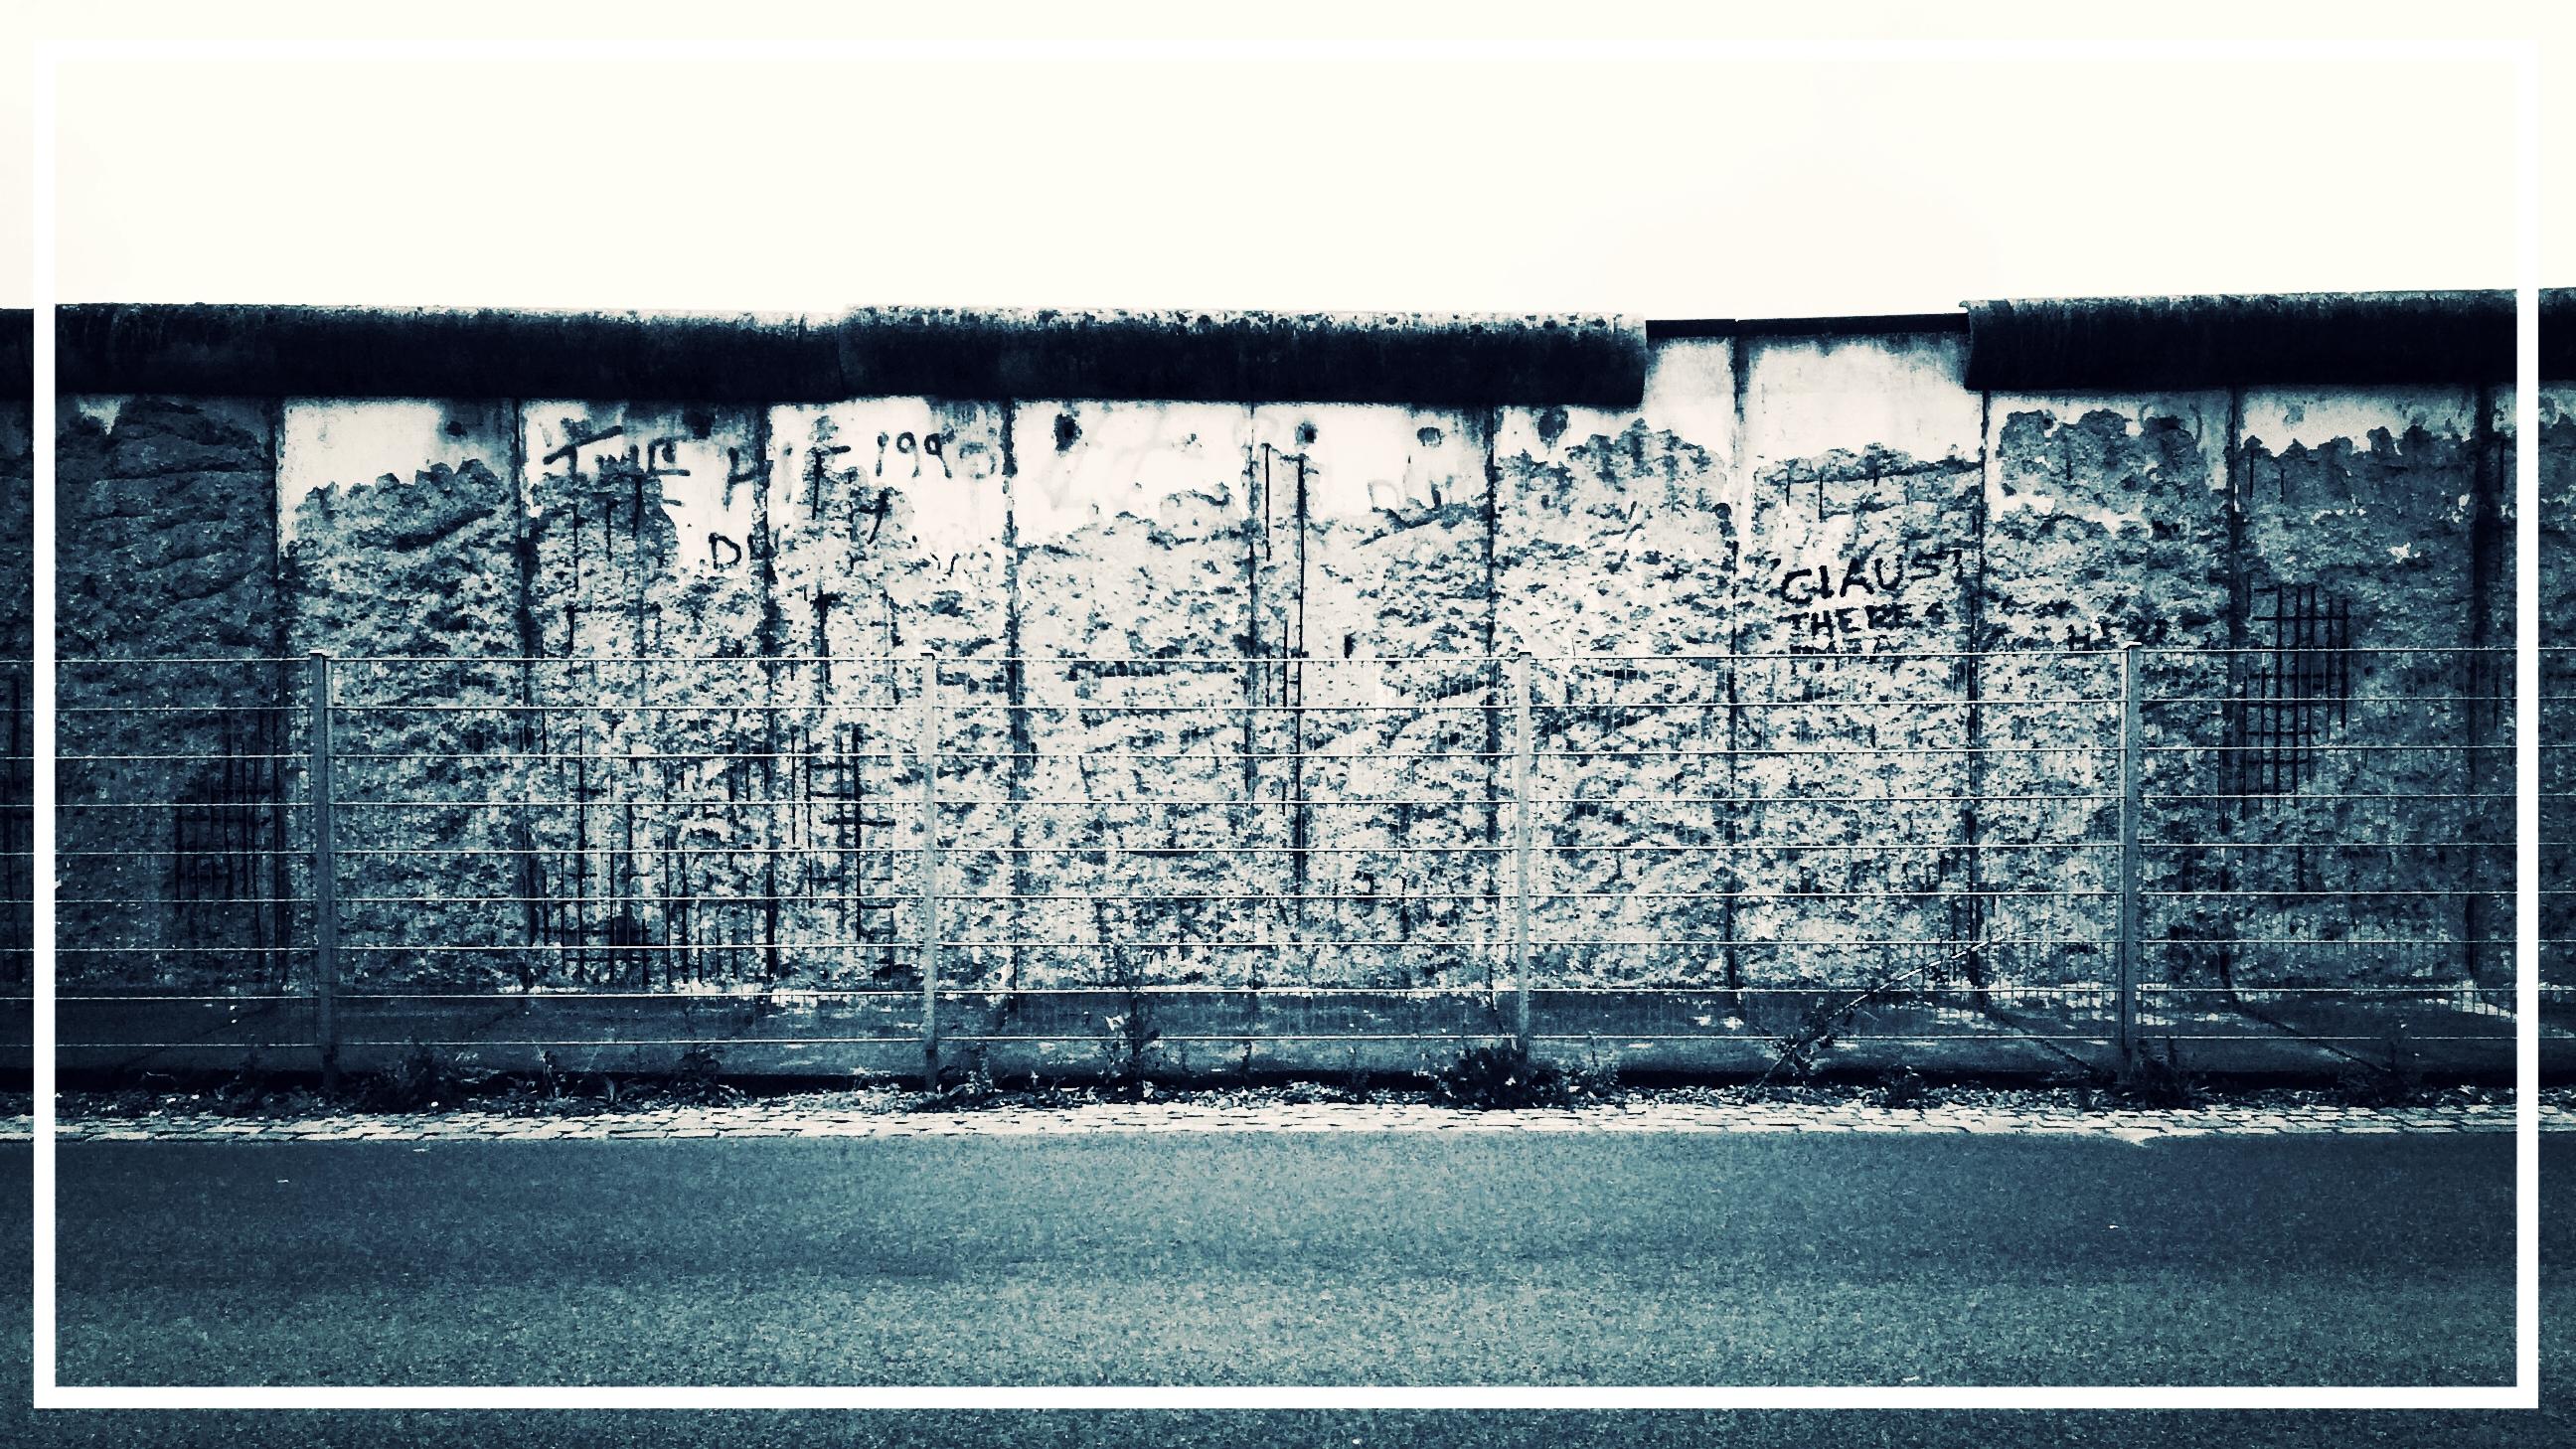 Berlin. Deutschland. Berliner Mauer. Deutsche Geschichte. Städtetrip.